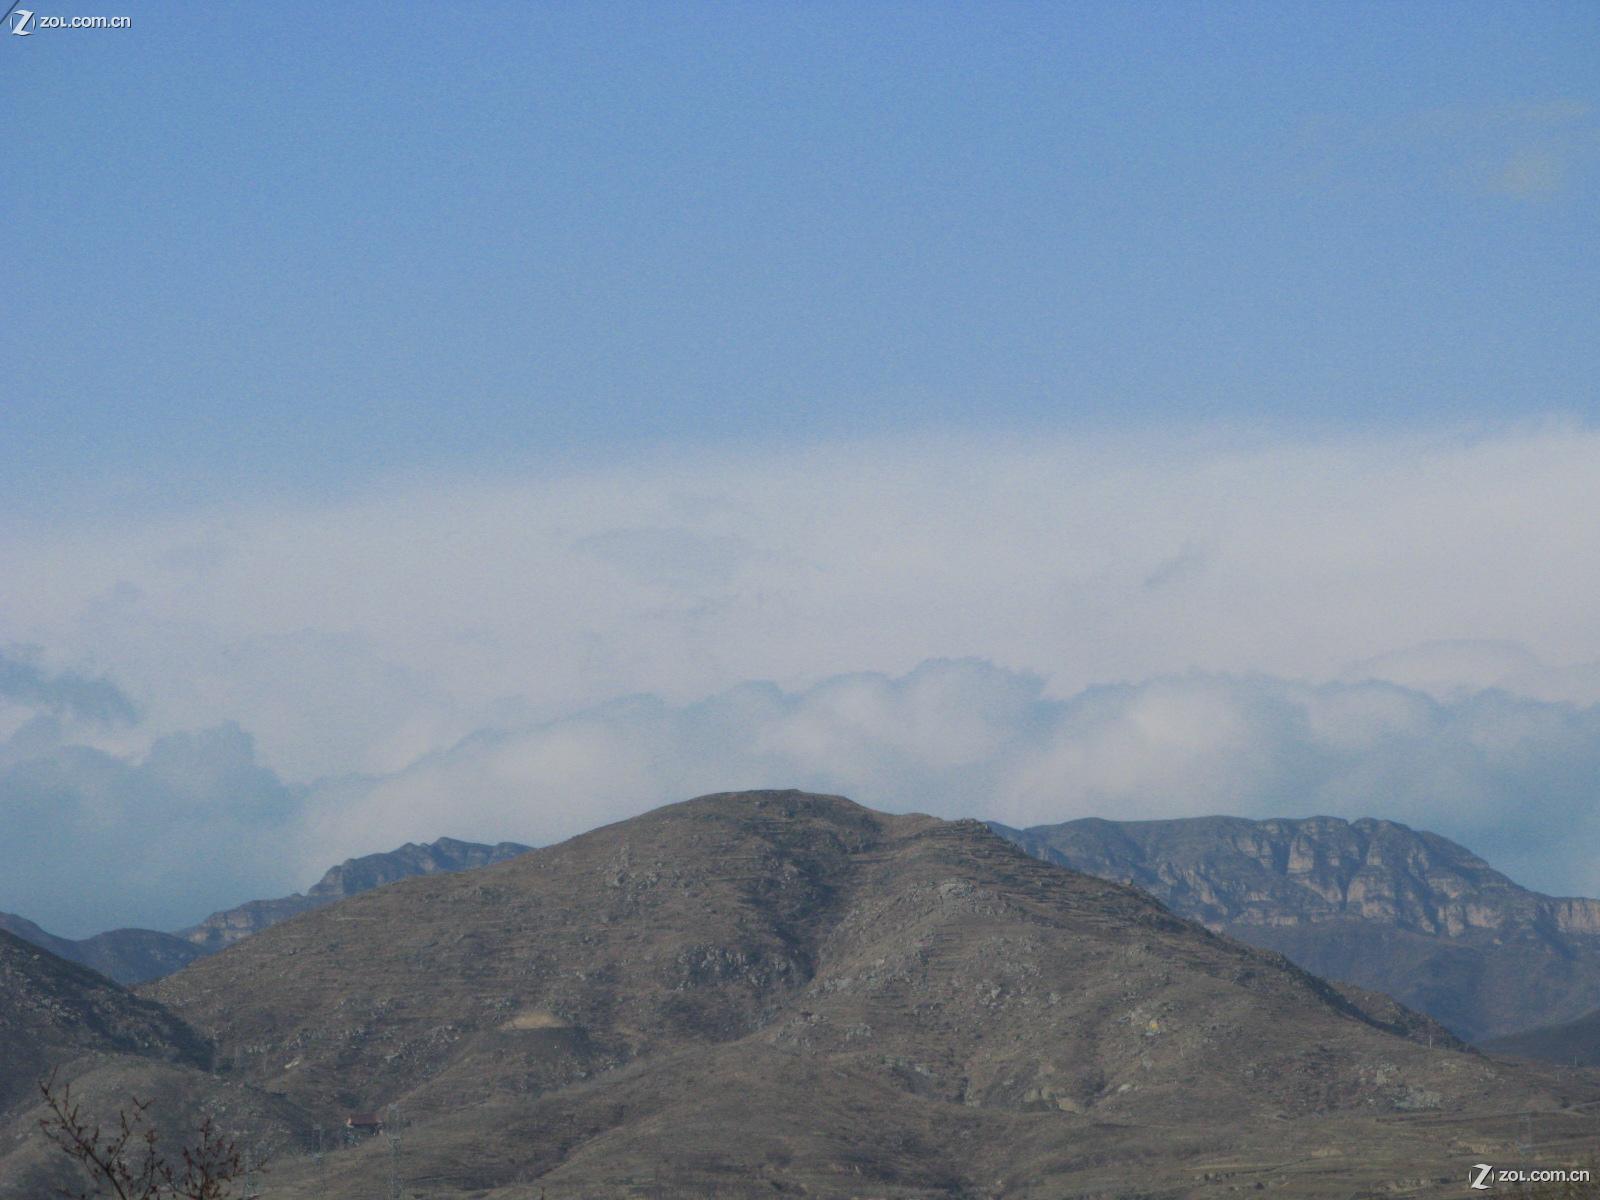 【g9之雁北风影】自然风景--zol中关村在线